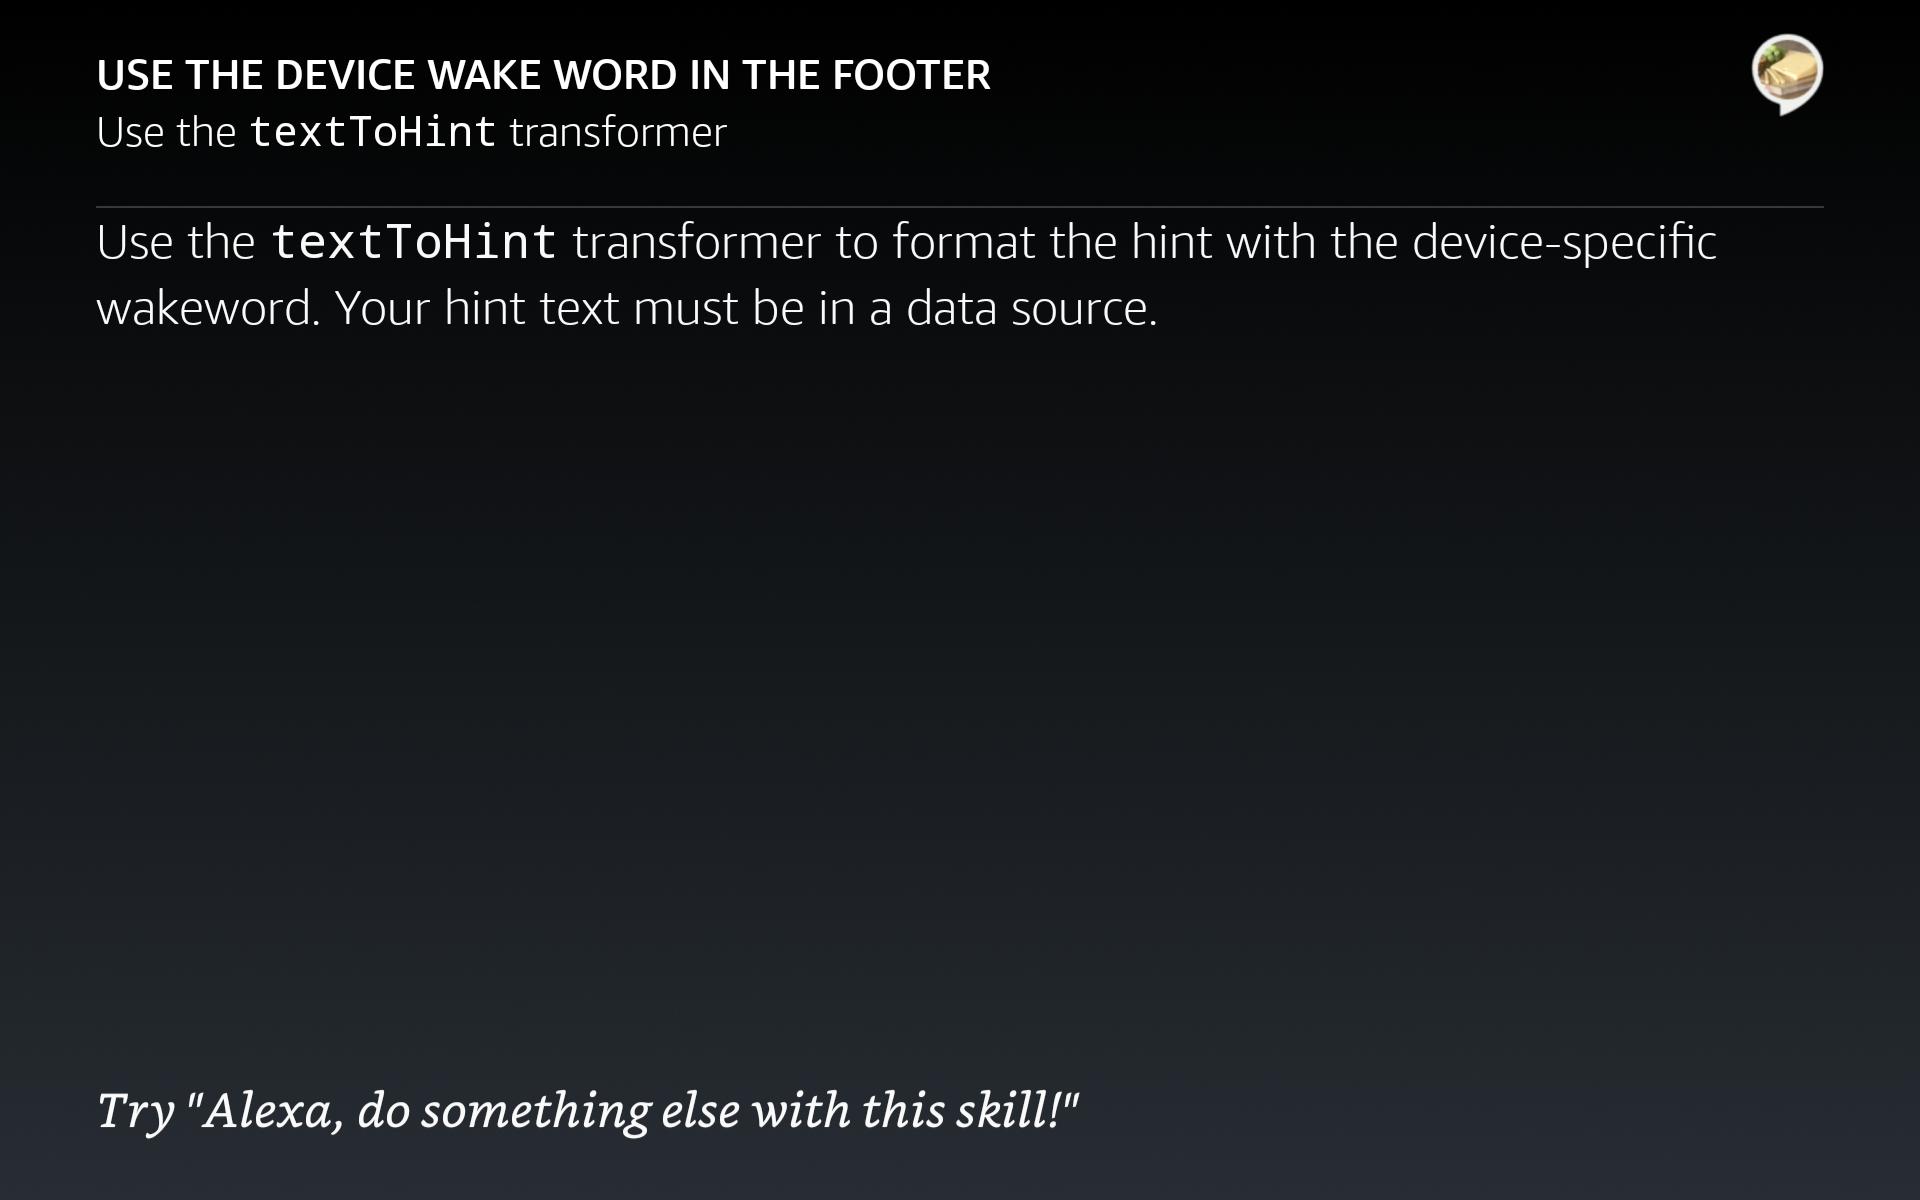 デバイスで設定したウェイクワードをヒントに表示